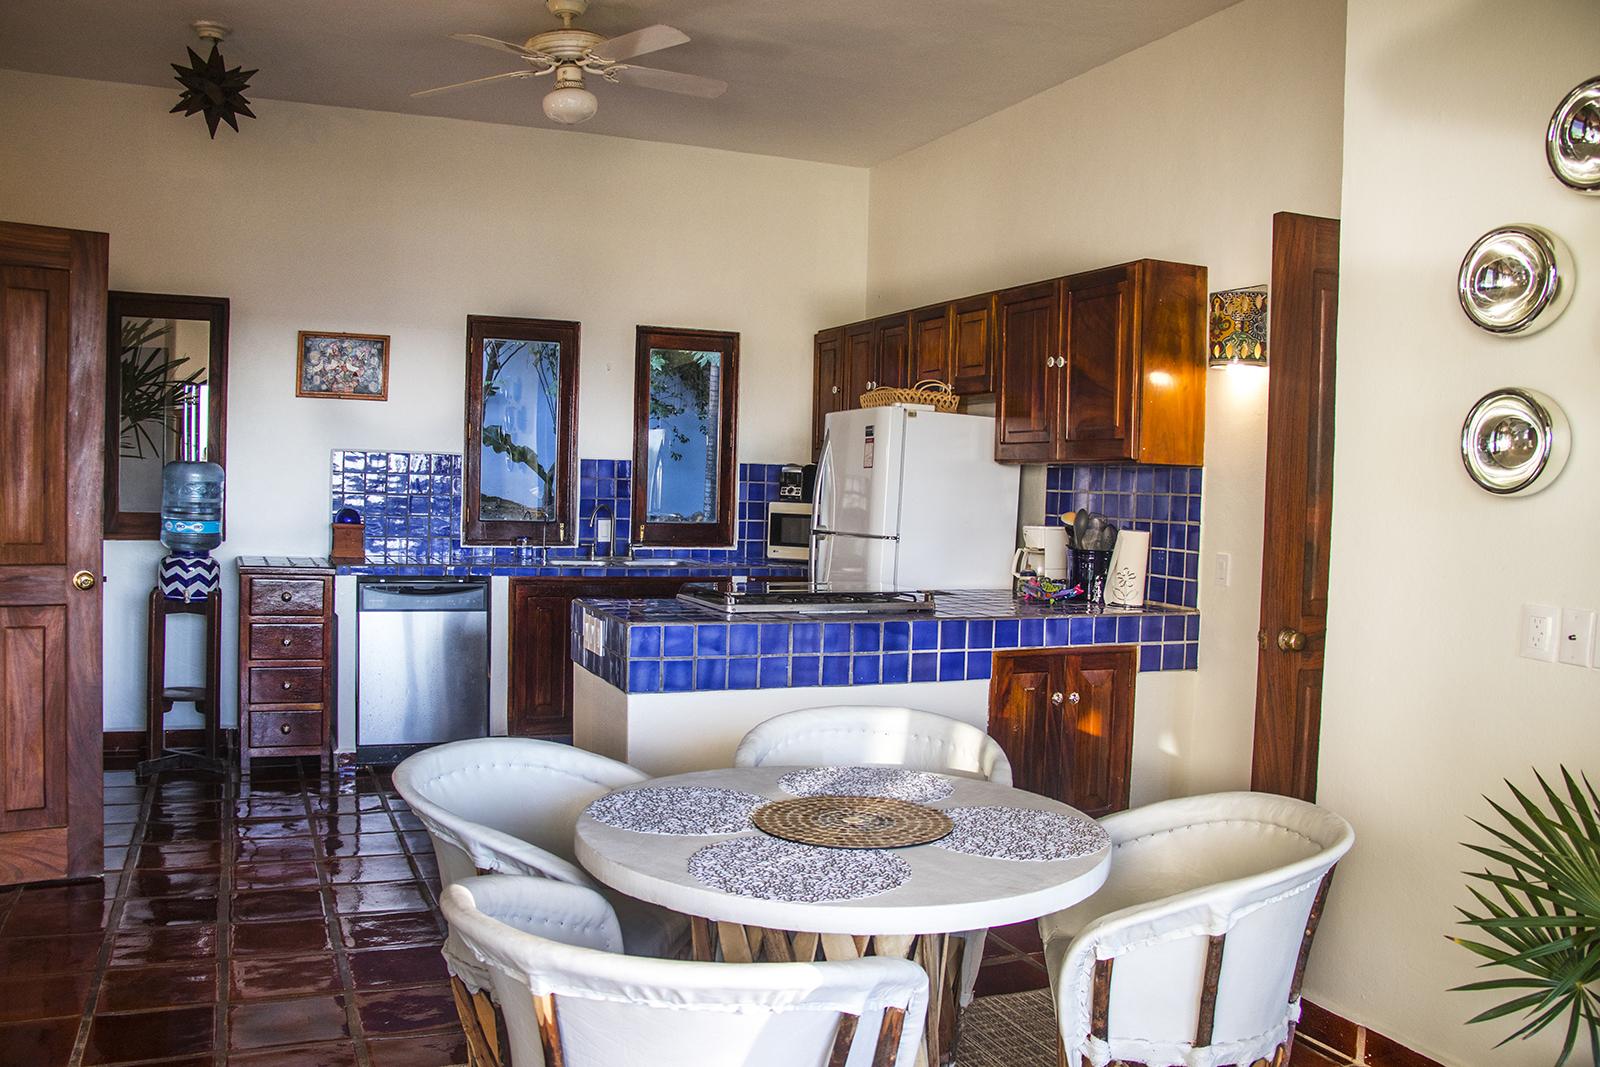 Plata Apartment - Holiday Rental - Casa Aqua Bella